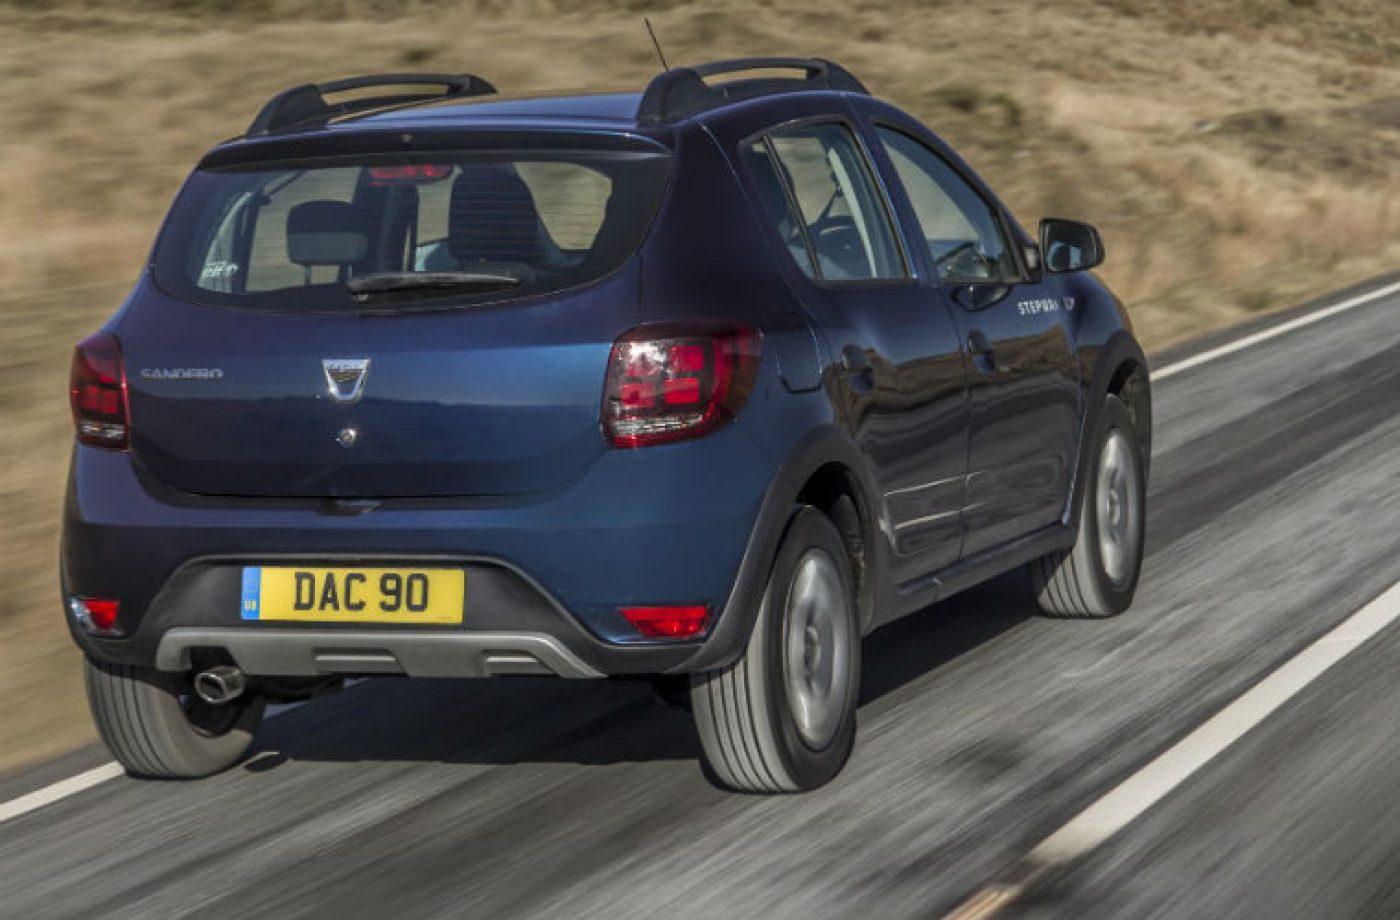 Dacia blames rubber door seal wear on way driver gets into his Sandero